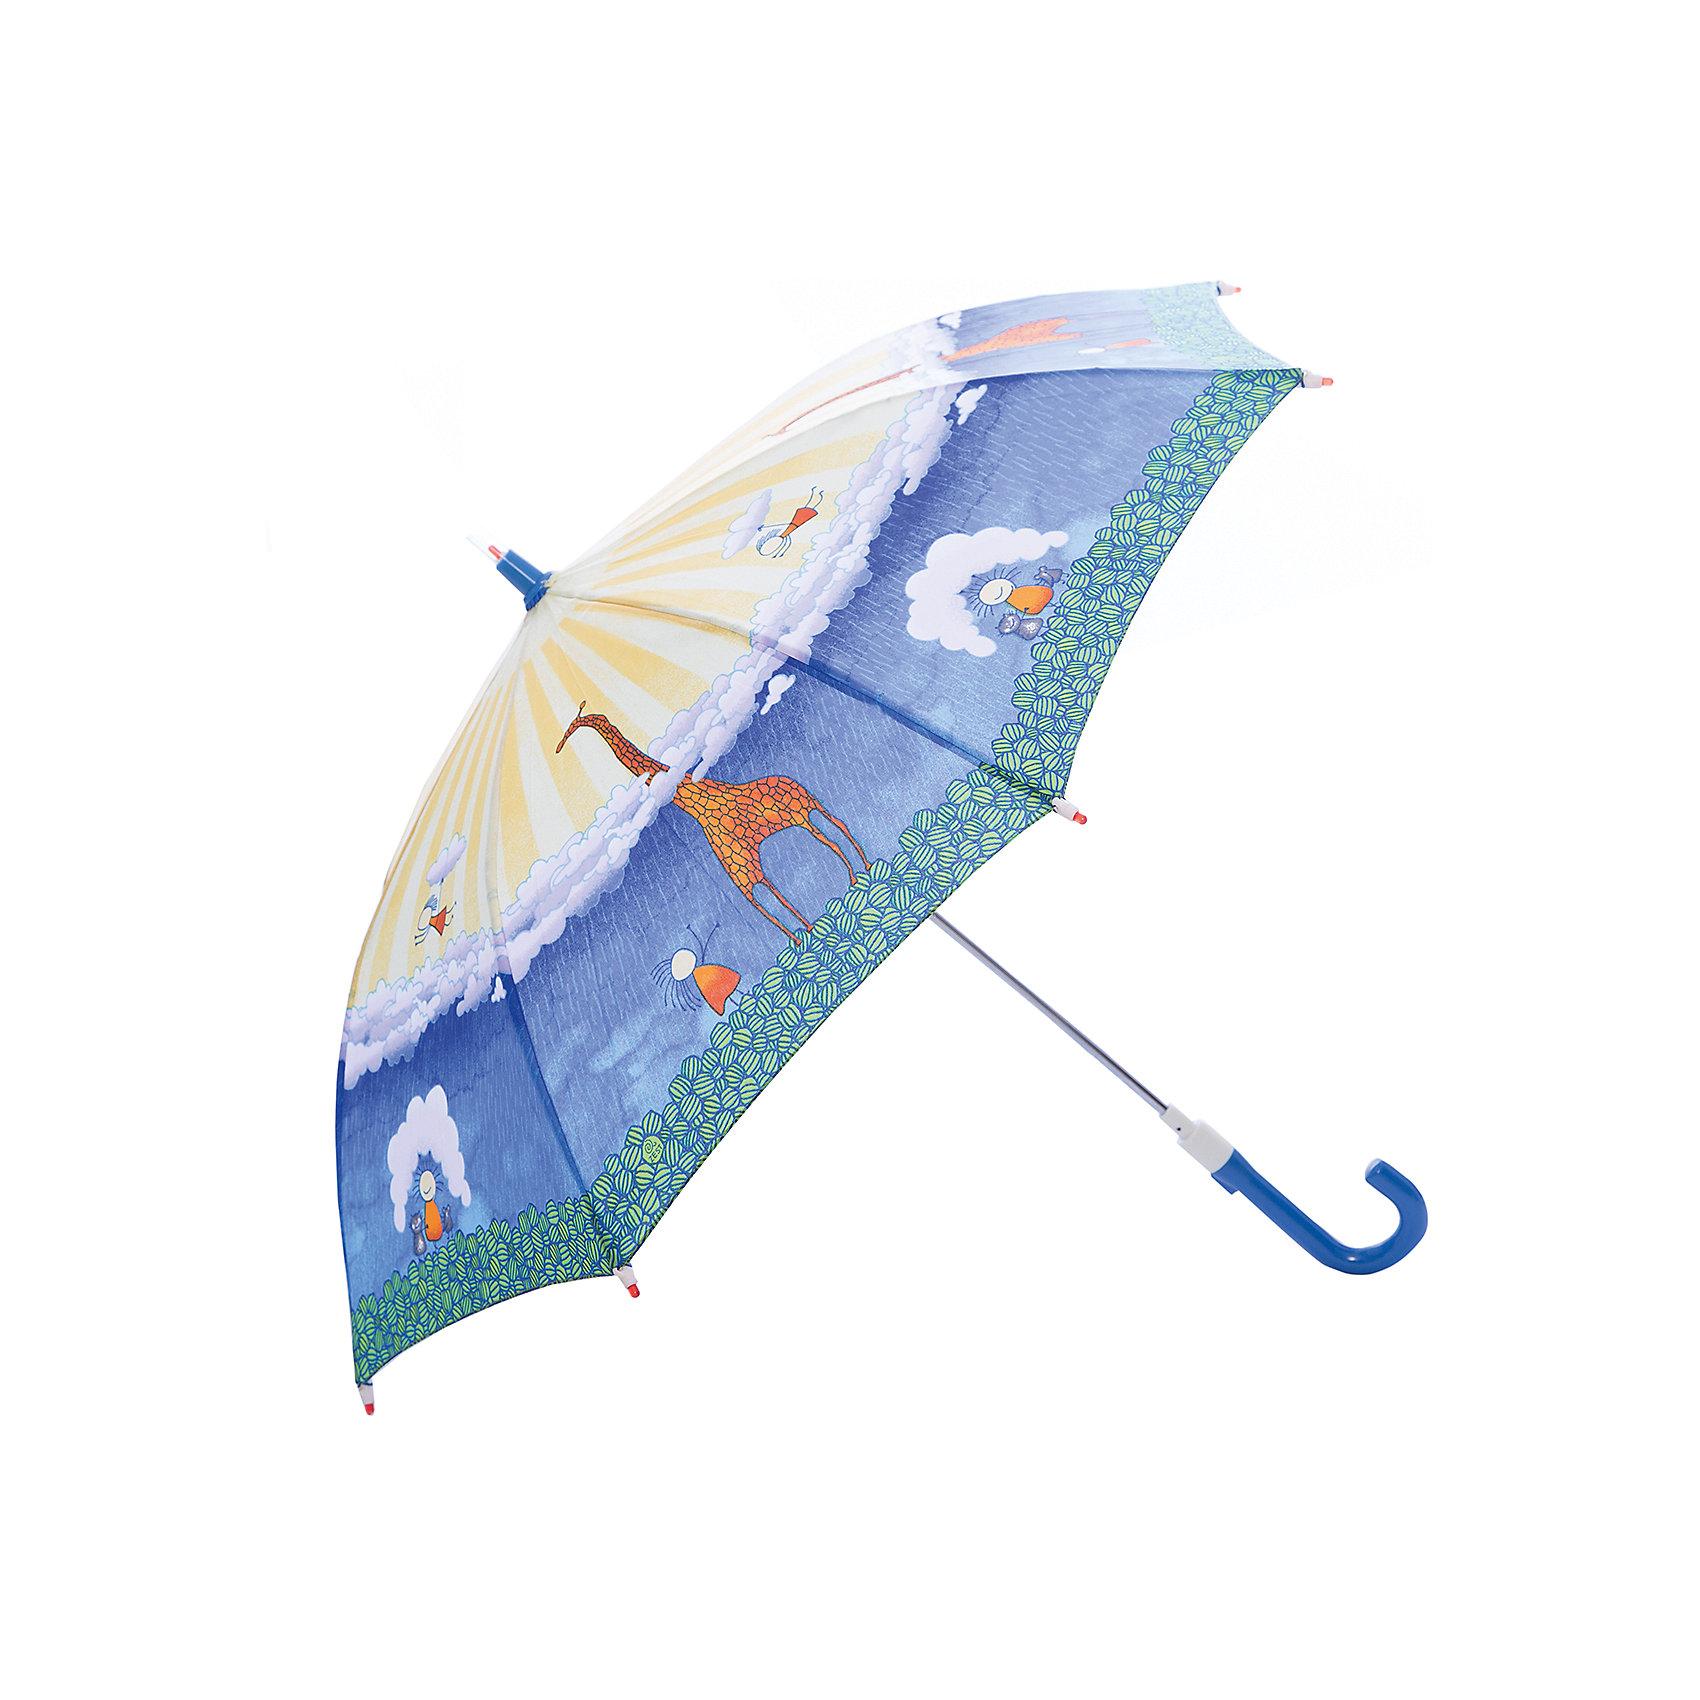 Зонт-трость, детский, рисунок Жираф со светодиодамиЗонты детские<br>Красочный детский зонтик Zest трость, механика, 8 спиц, купол 72 см, материал купола полиэстер, ручка зонта из пластика, материал каркаса - сталь. Концы спиц зонтика прикрыты специальными колпачками. ВЕТРОУСТОЙЧИВАЯ КОНСТРУКЦИЯ. Внимание! В сильный ветер не эксплуатировать! Зонт может сломаться. Гарантия 6 месяцев, срок службы 5 лет.<br><br>Ширина мм: 690<br>Глубина мм: 0<br>Высота мм: 0<br>Вес г: 280<br>Возраст от месяцев: 36<br>Возраст до месяцев: 2147483647<br>Пол: Унисекс<br>Возраст: Детский<br>SKU: 5511983